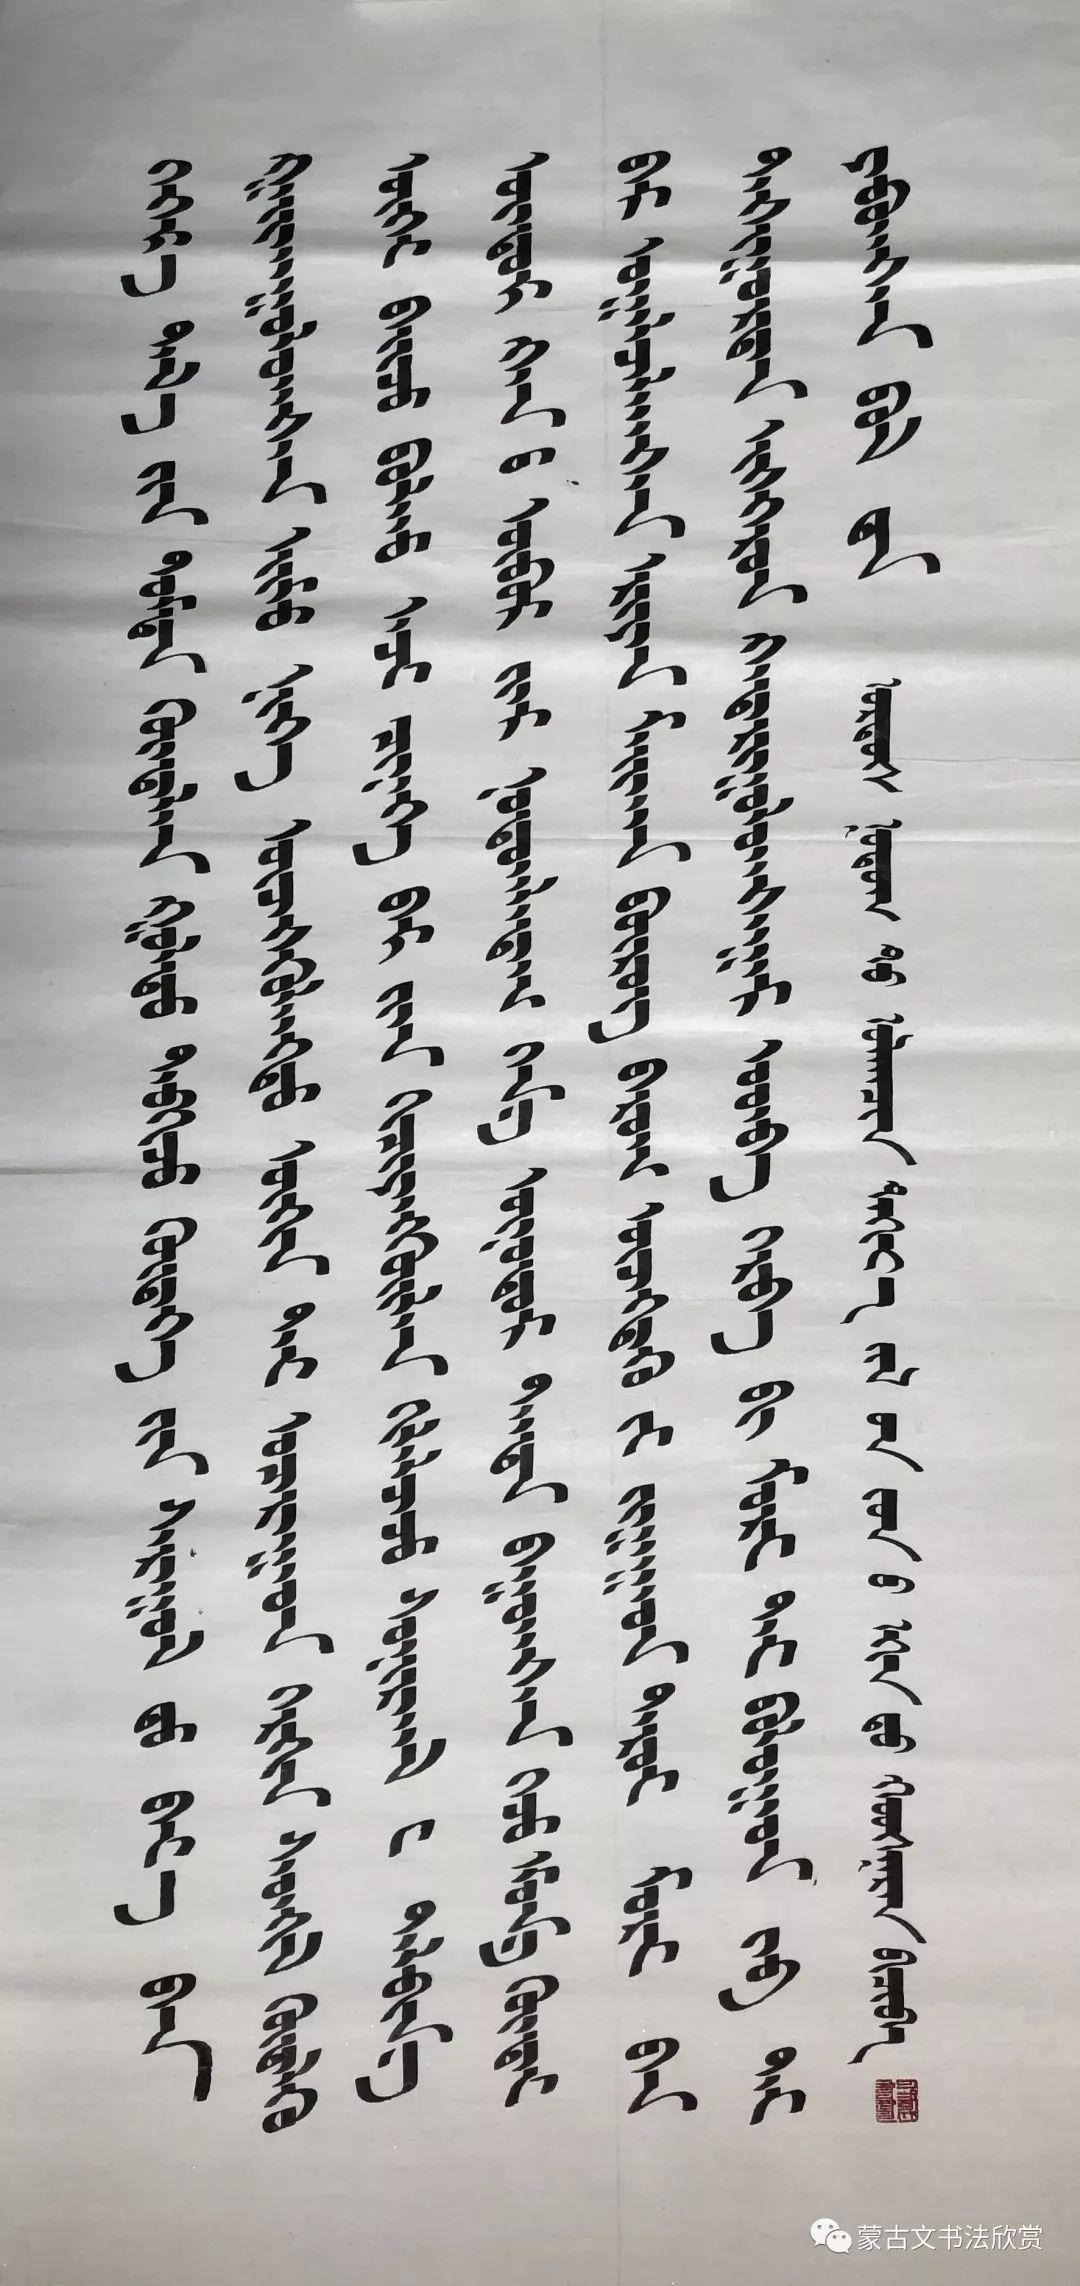 蒙古文书法欣赏——好斯那拉 第6张